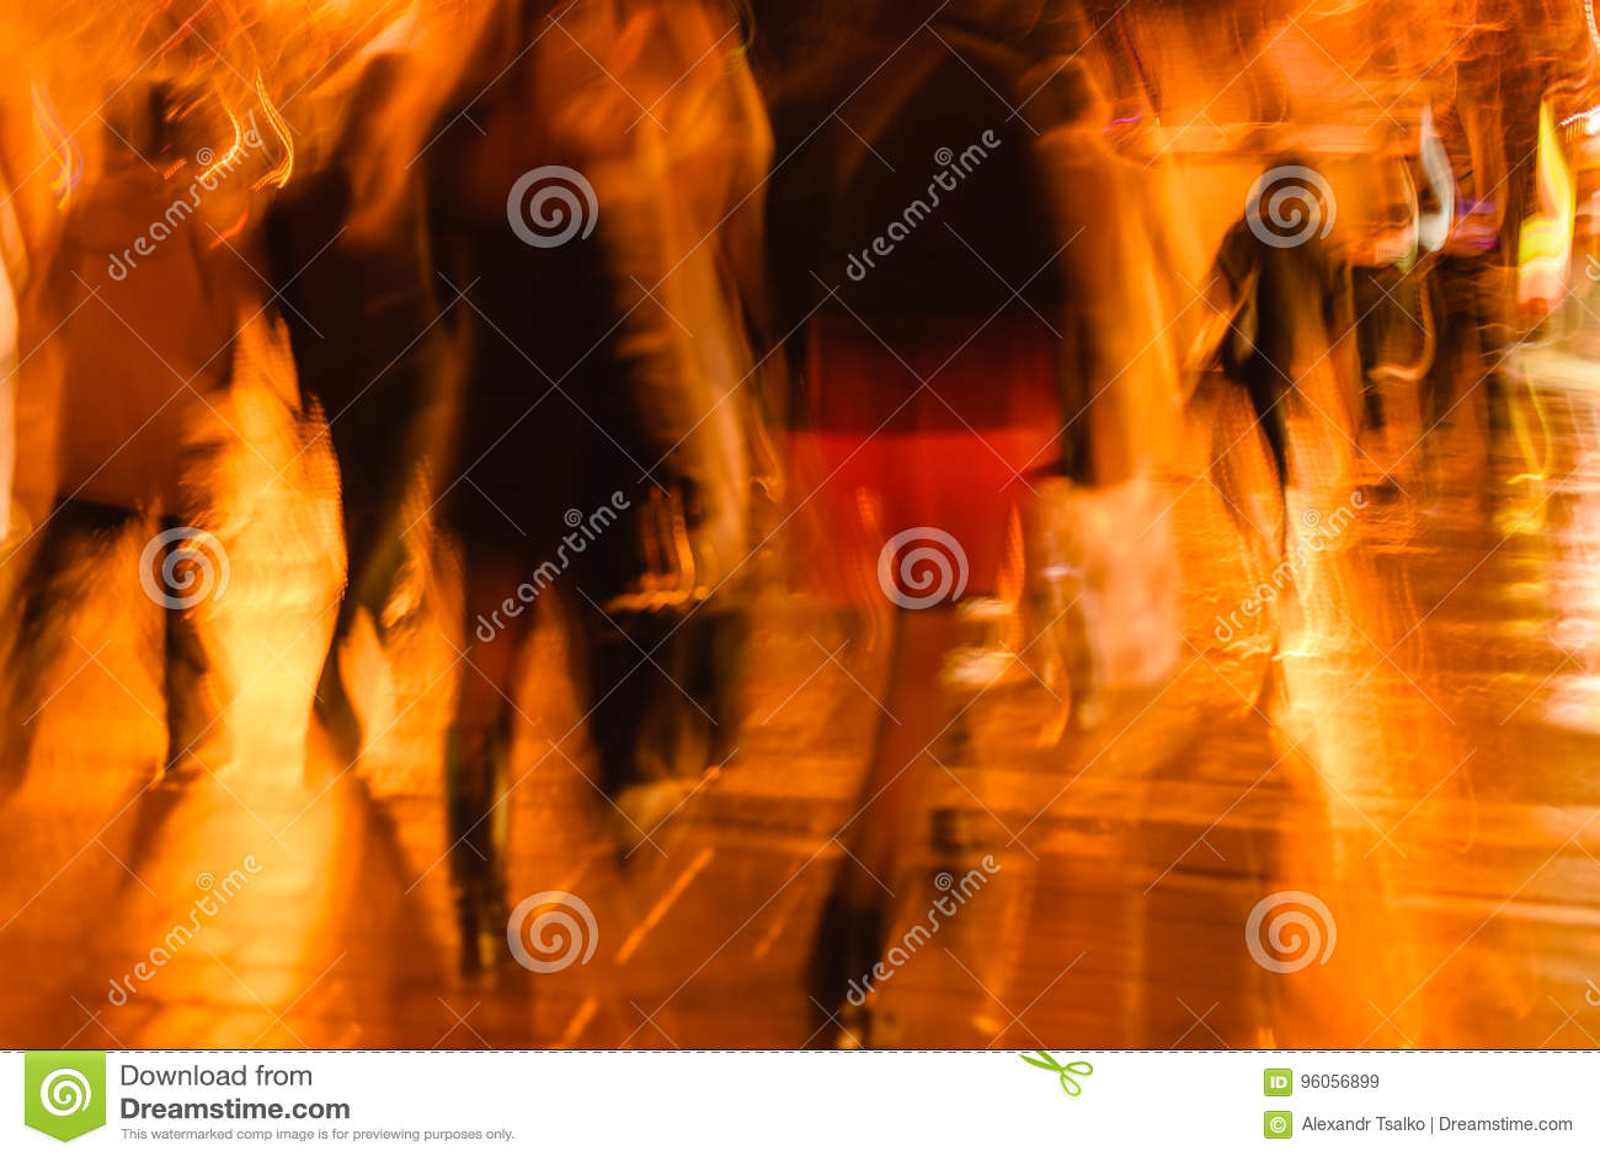 Photo abstraite des personnes retournant à la maison après travail